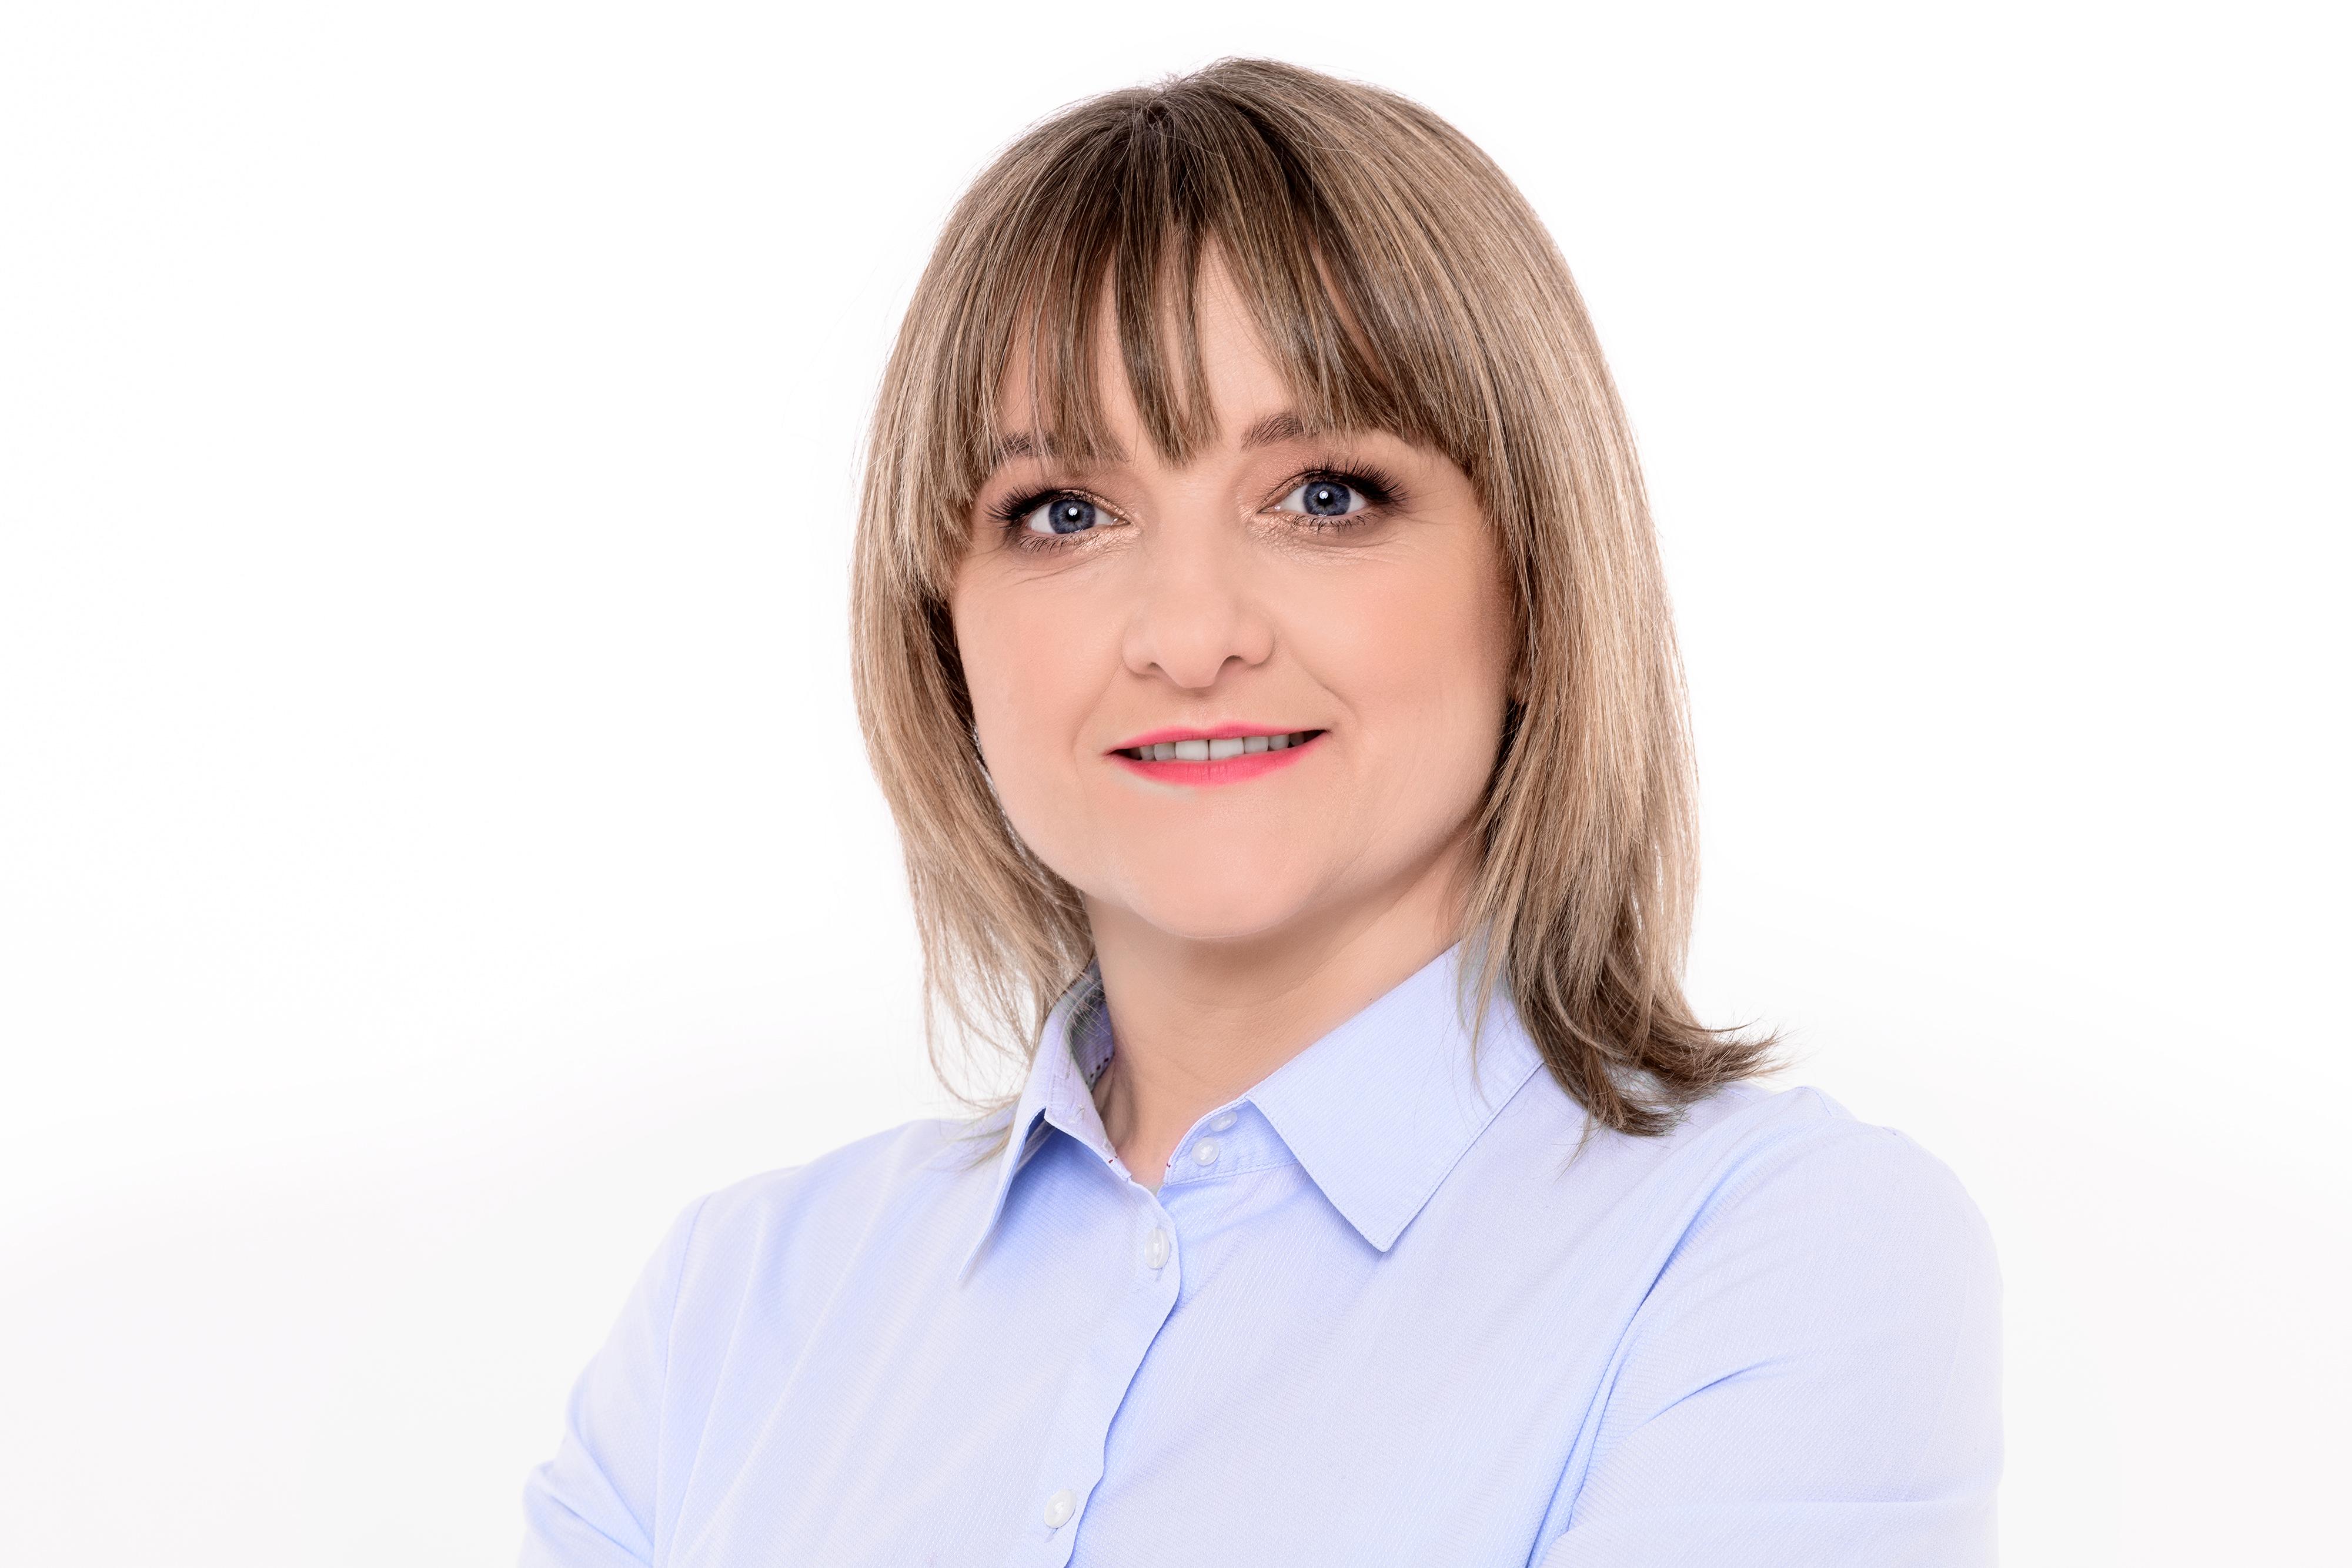 Joanna Glonek, wiceprezes ds. sprzedaży Carlsberg Polska (fot. Carlsberg Polska)